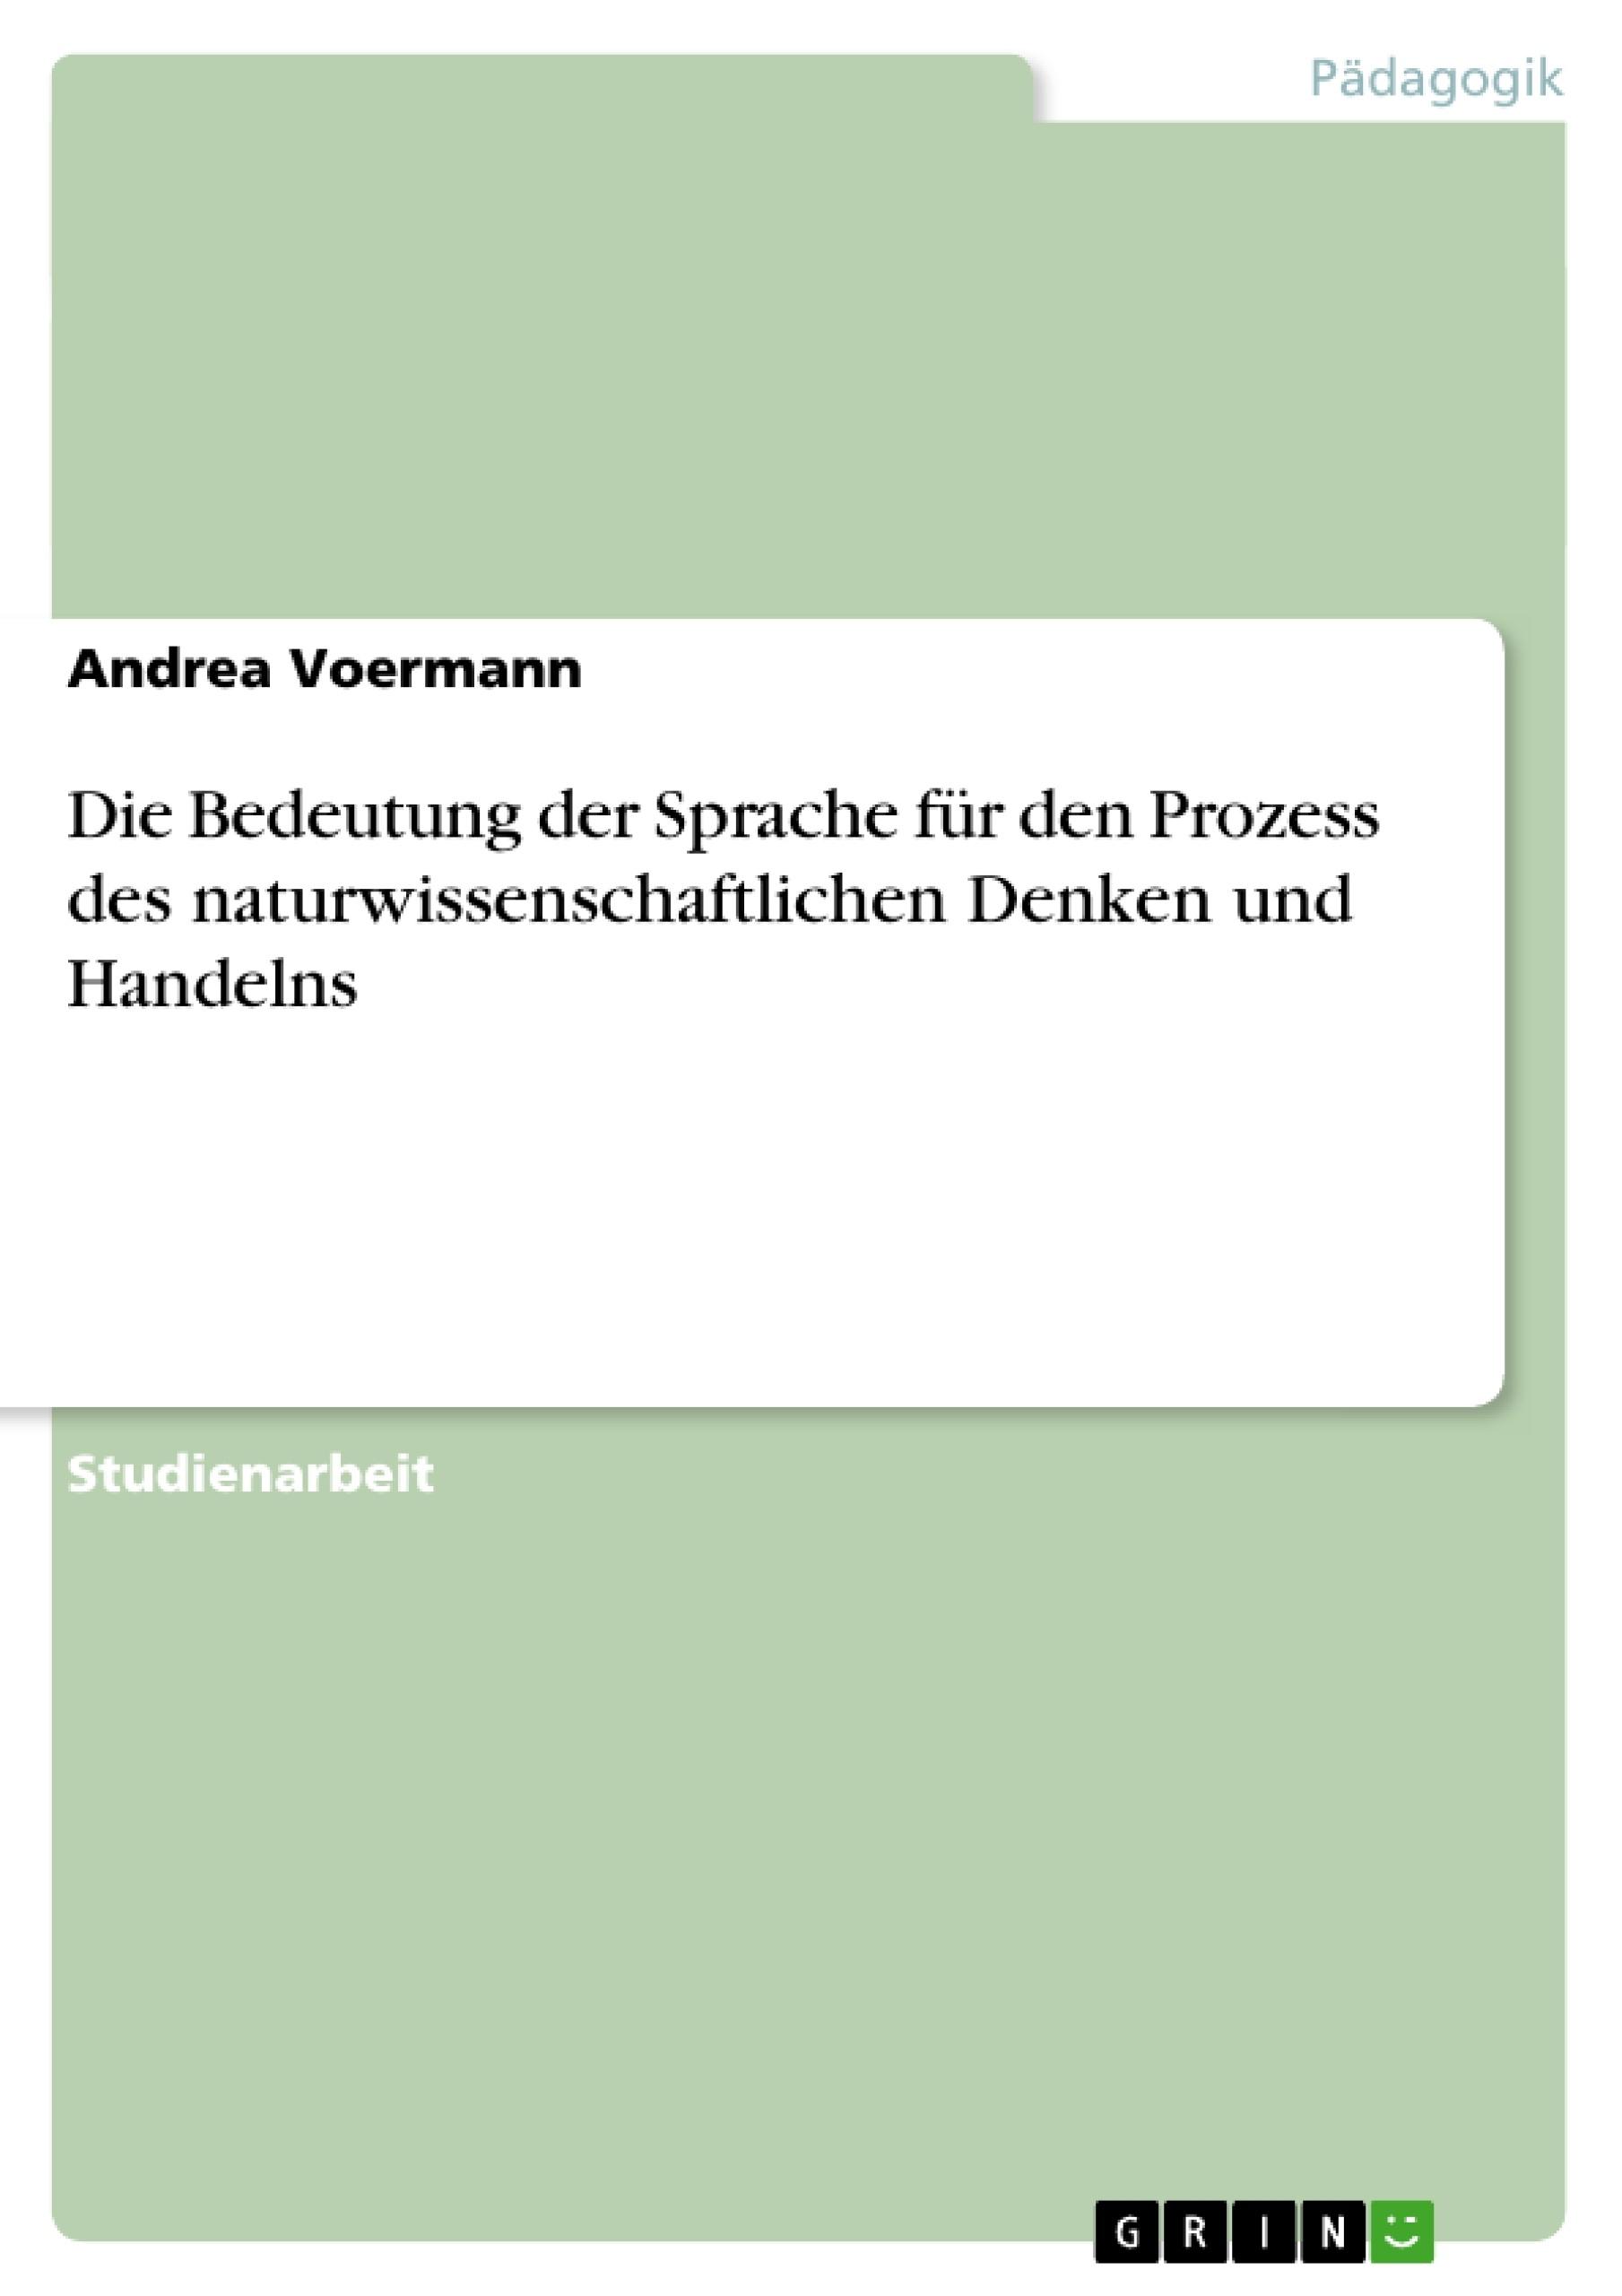 Titel: Die Bedeutung der Sprache für den Prozess des naturwissenschaftlichen Denken und Handelns